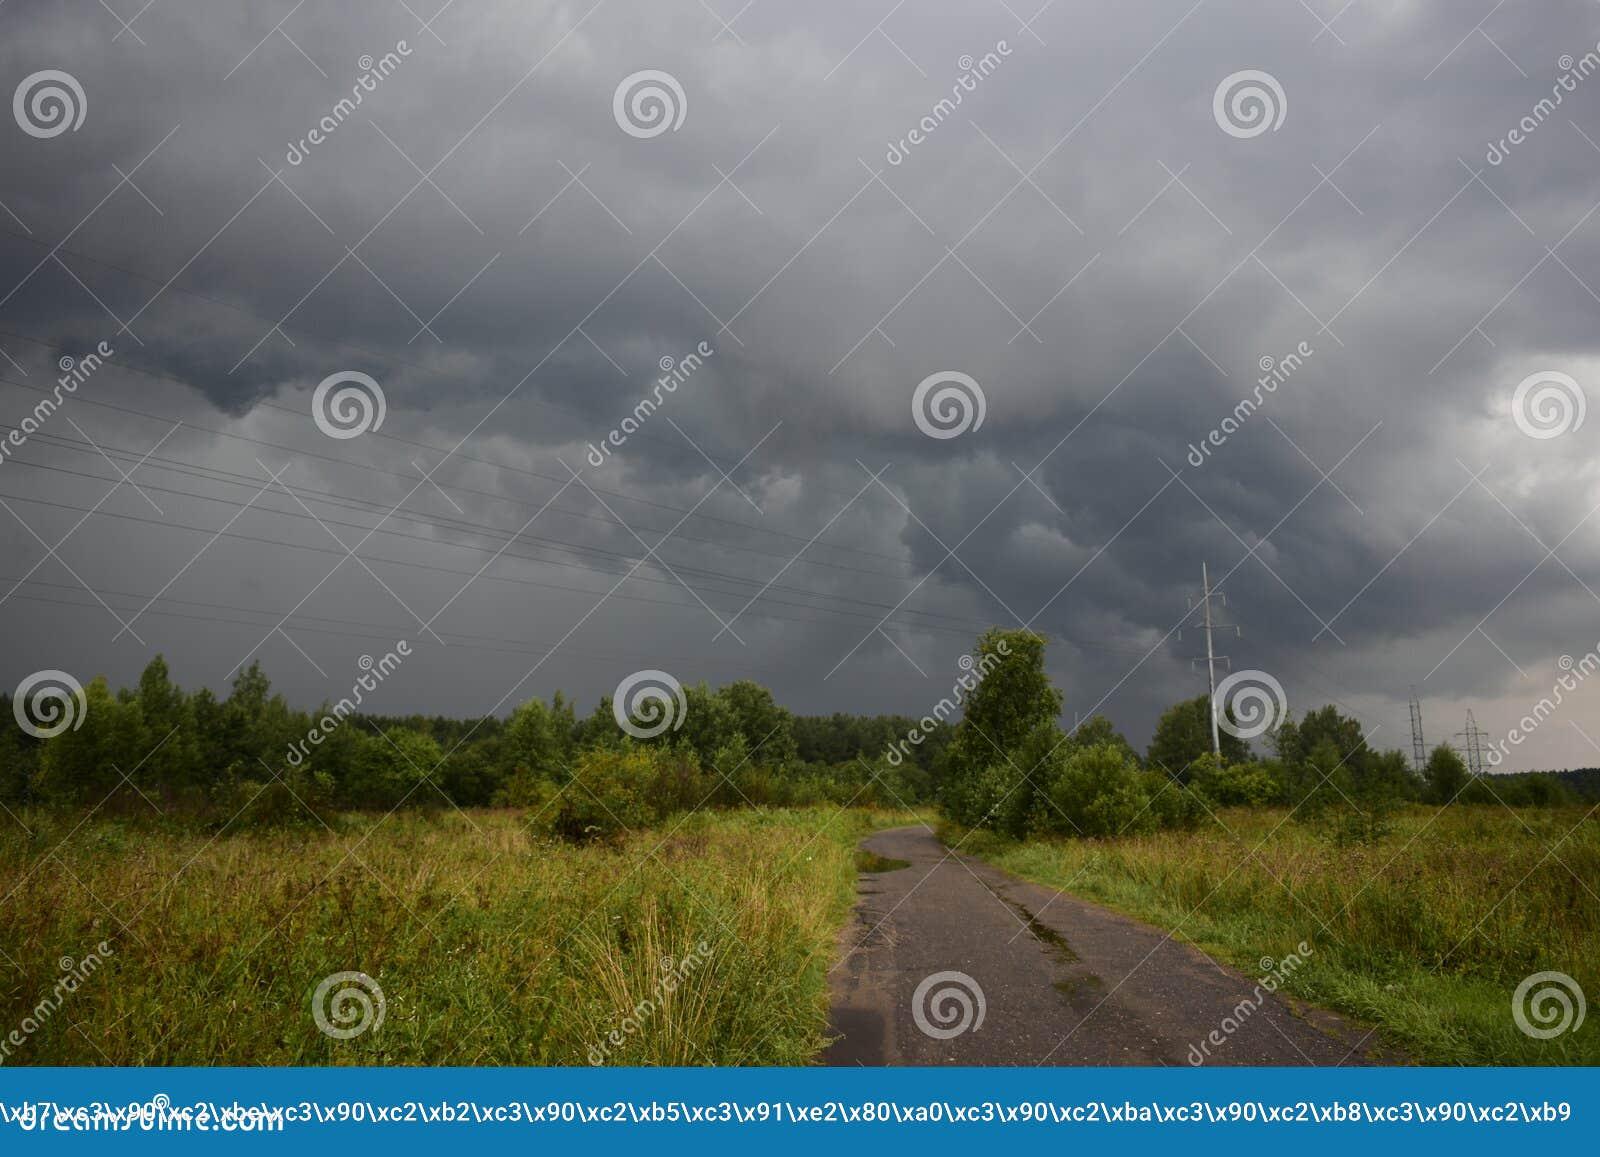 Η θερινή θύελλα βροχής καλύπτει το σκοτεινό ουρανό είναι ένα φυσικό στοιχείο στον ουρανό